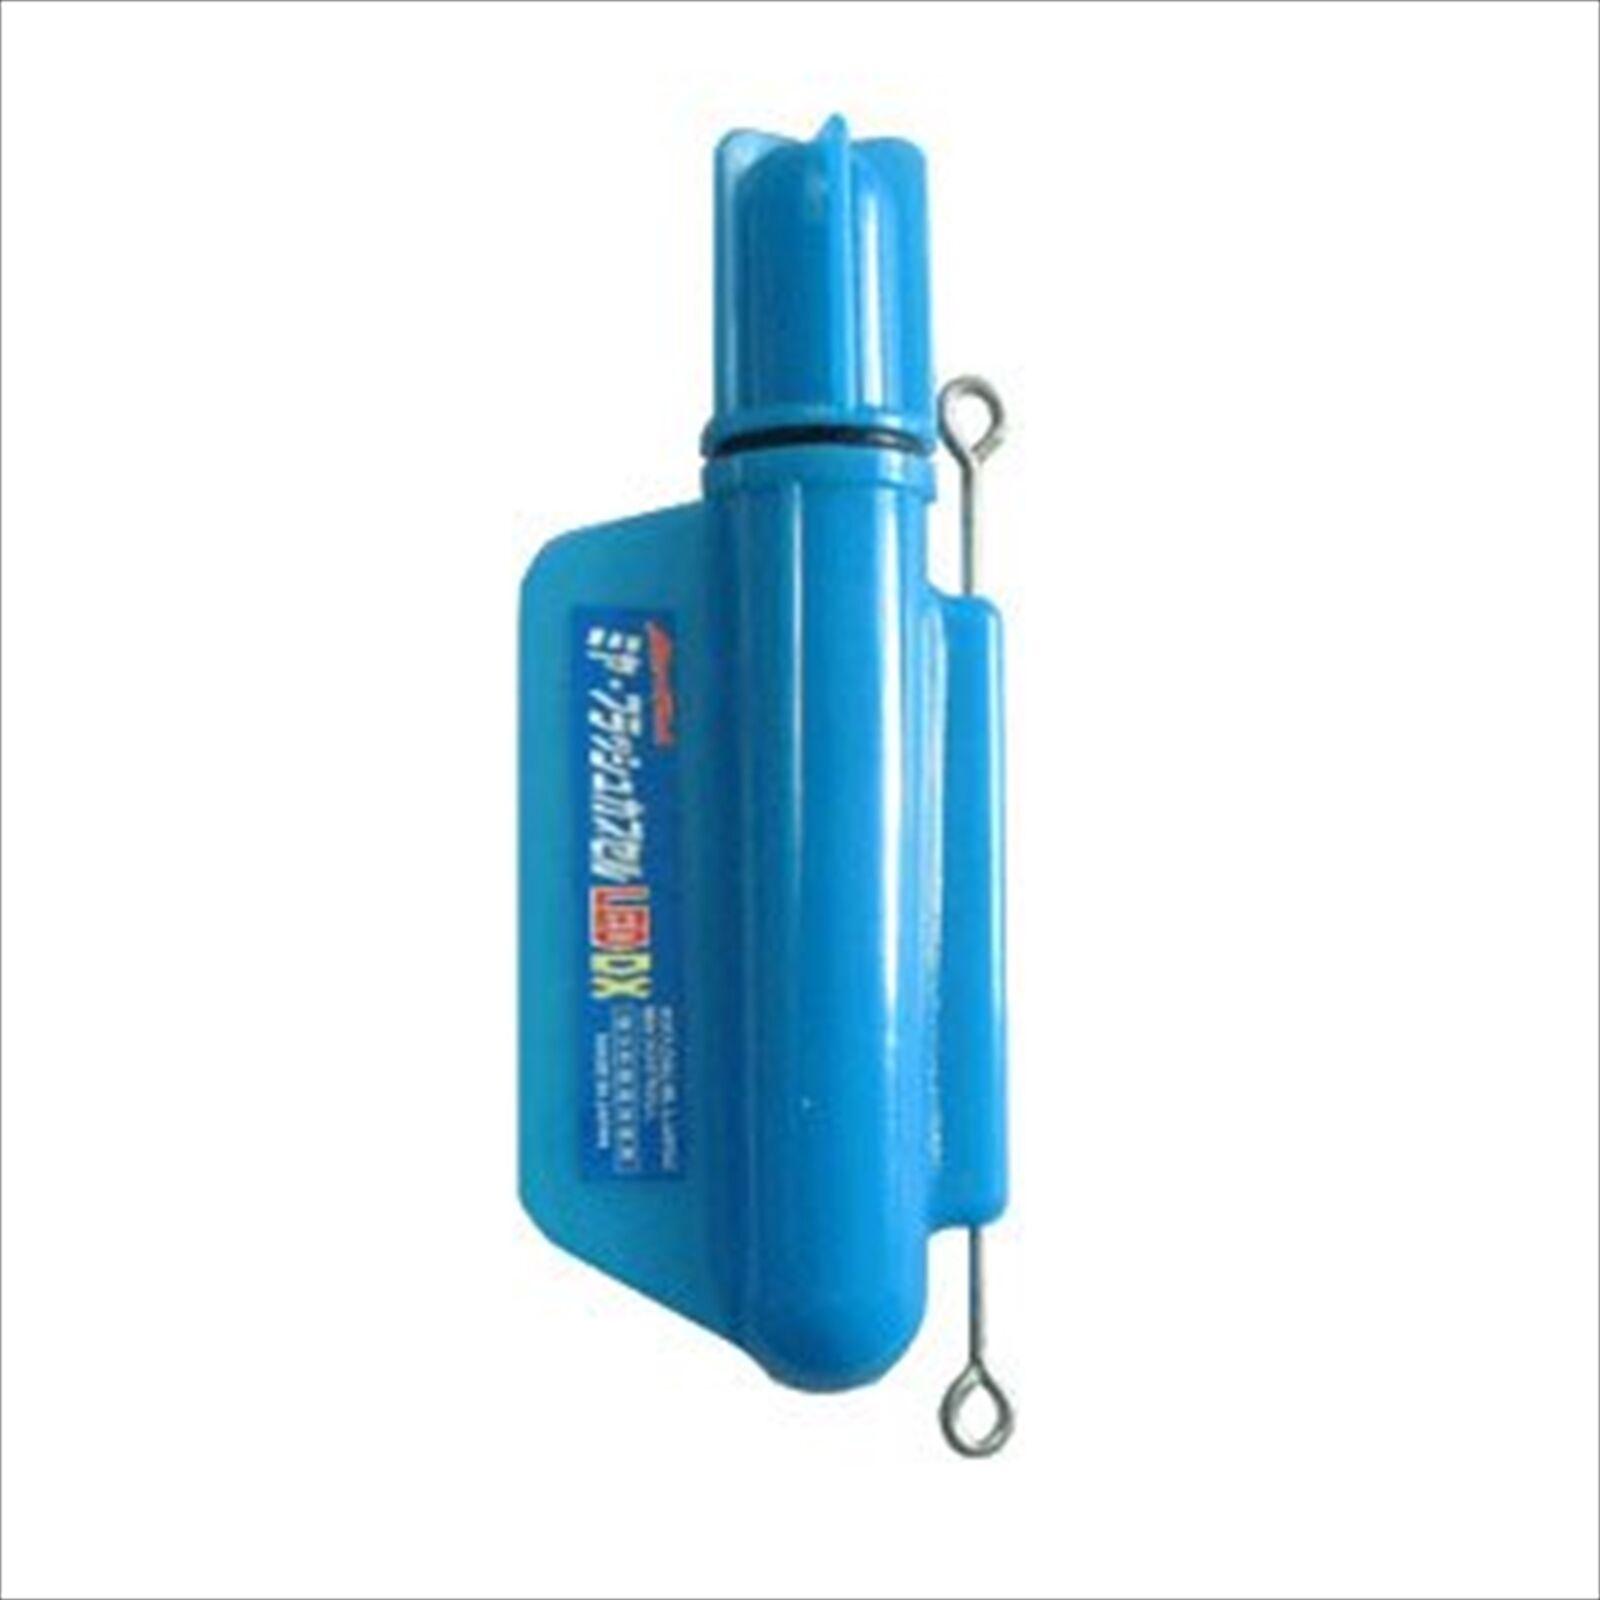 nuovo Miya Epoch Miyamae Flash Capsule LED LED LED DX blu for Sea fishing F S from JAPAN 6be